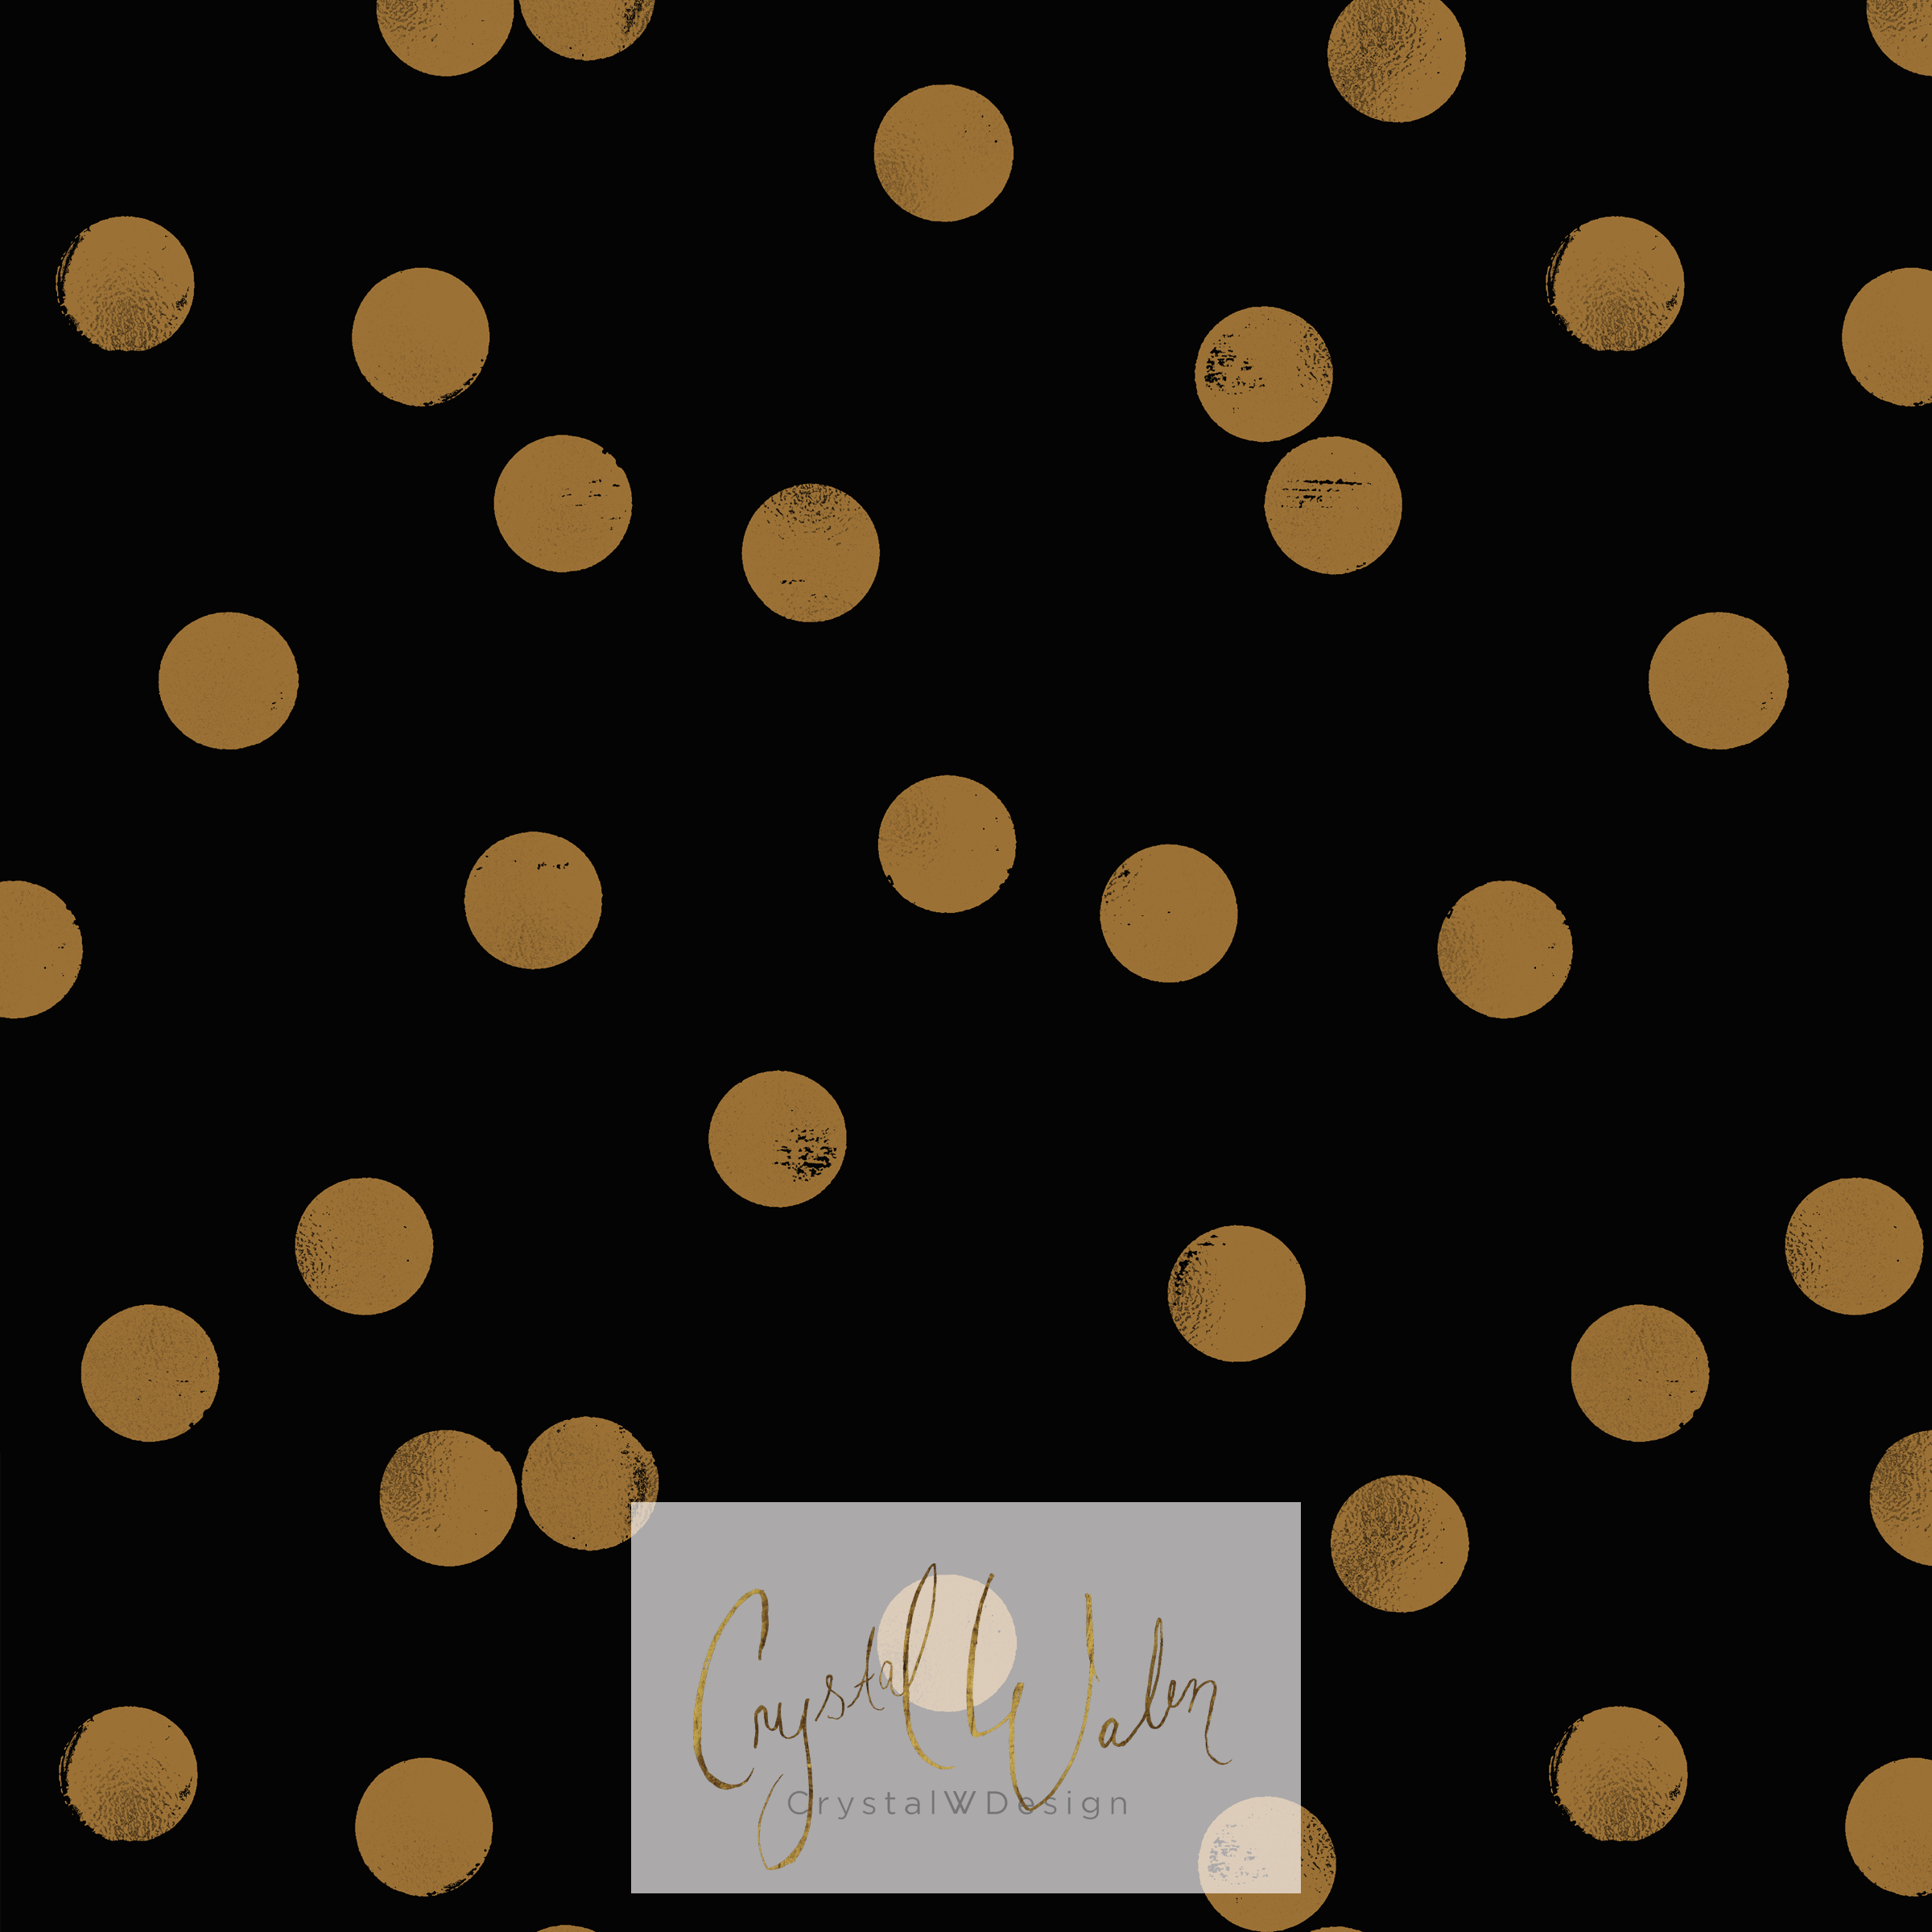 Sprinkle Dot gold on Black